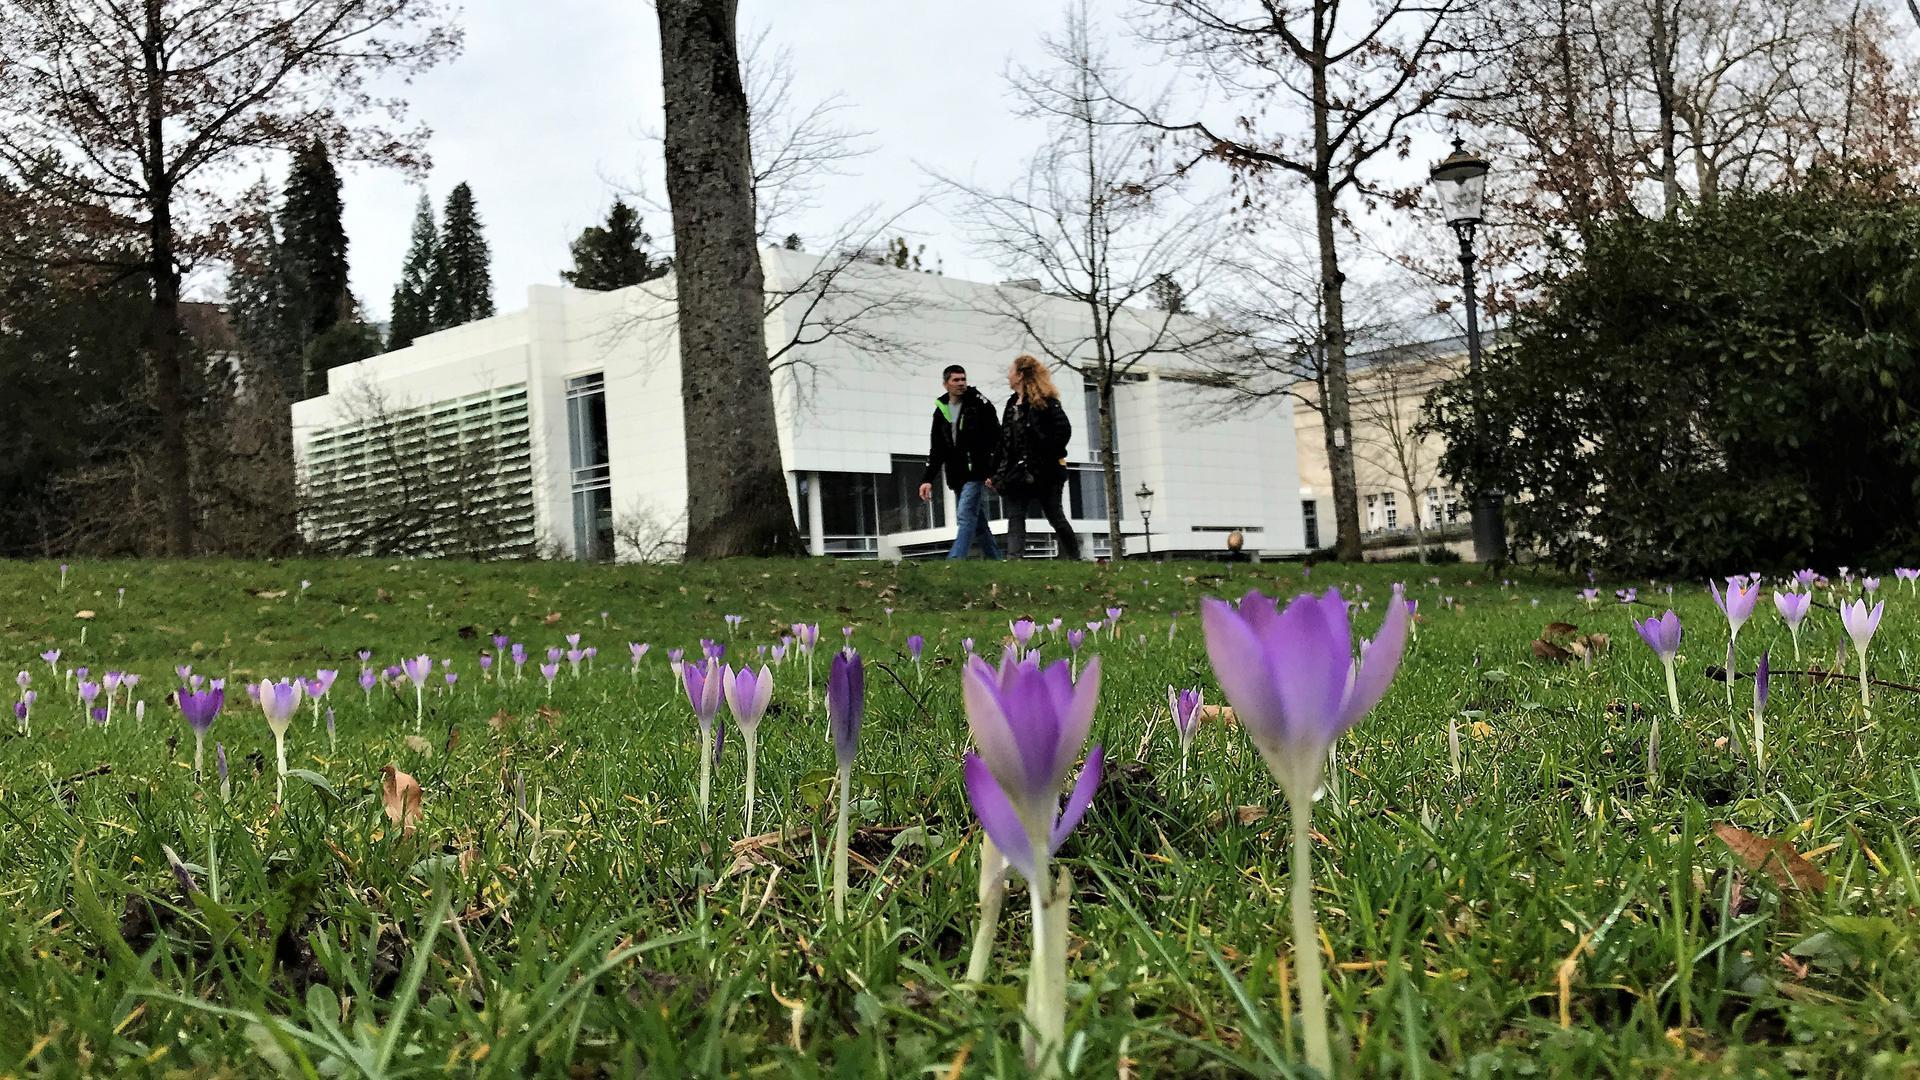 Menschen spazieren durch die Lichtentaler Allee in Baden-Baden, wo die ersten Krokusse blühen.